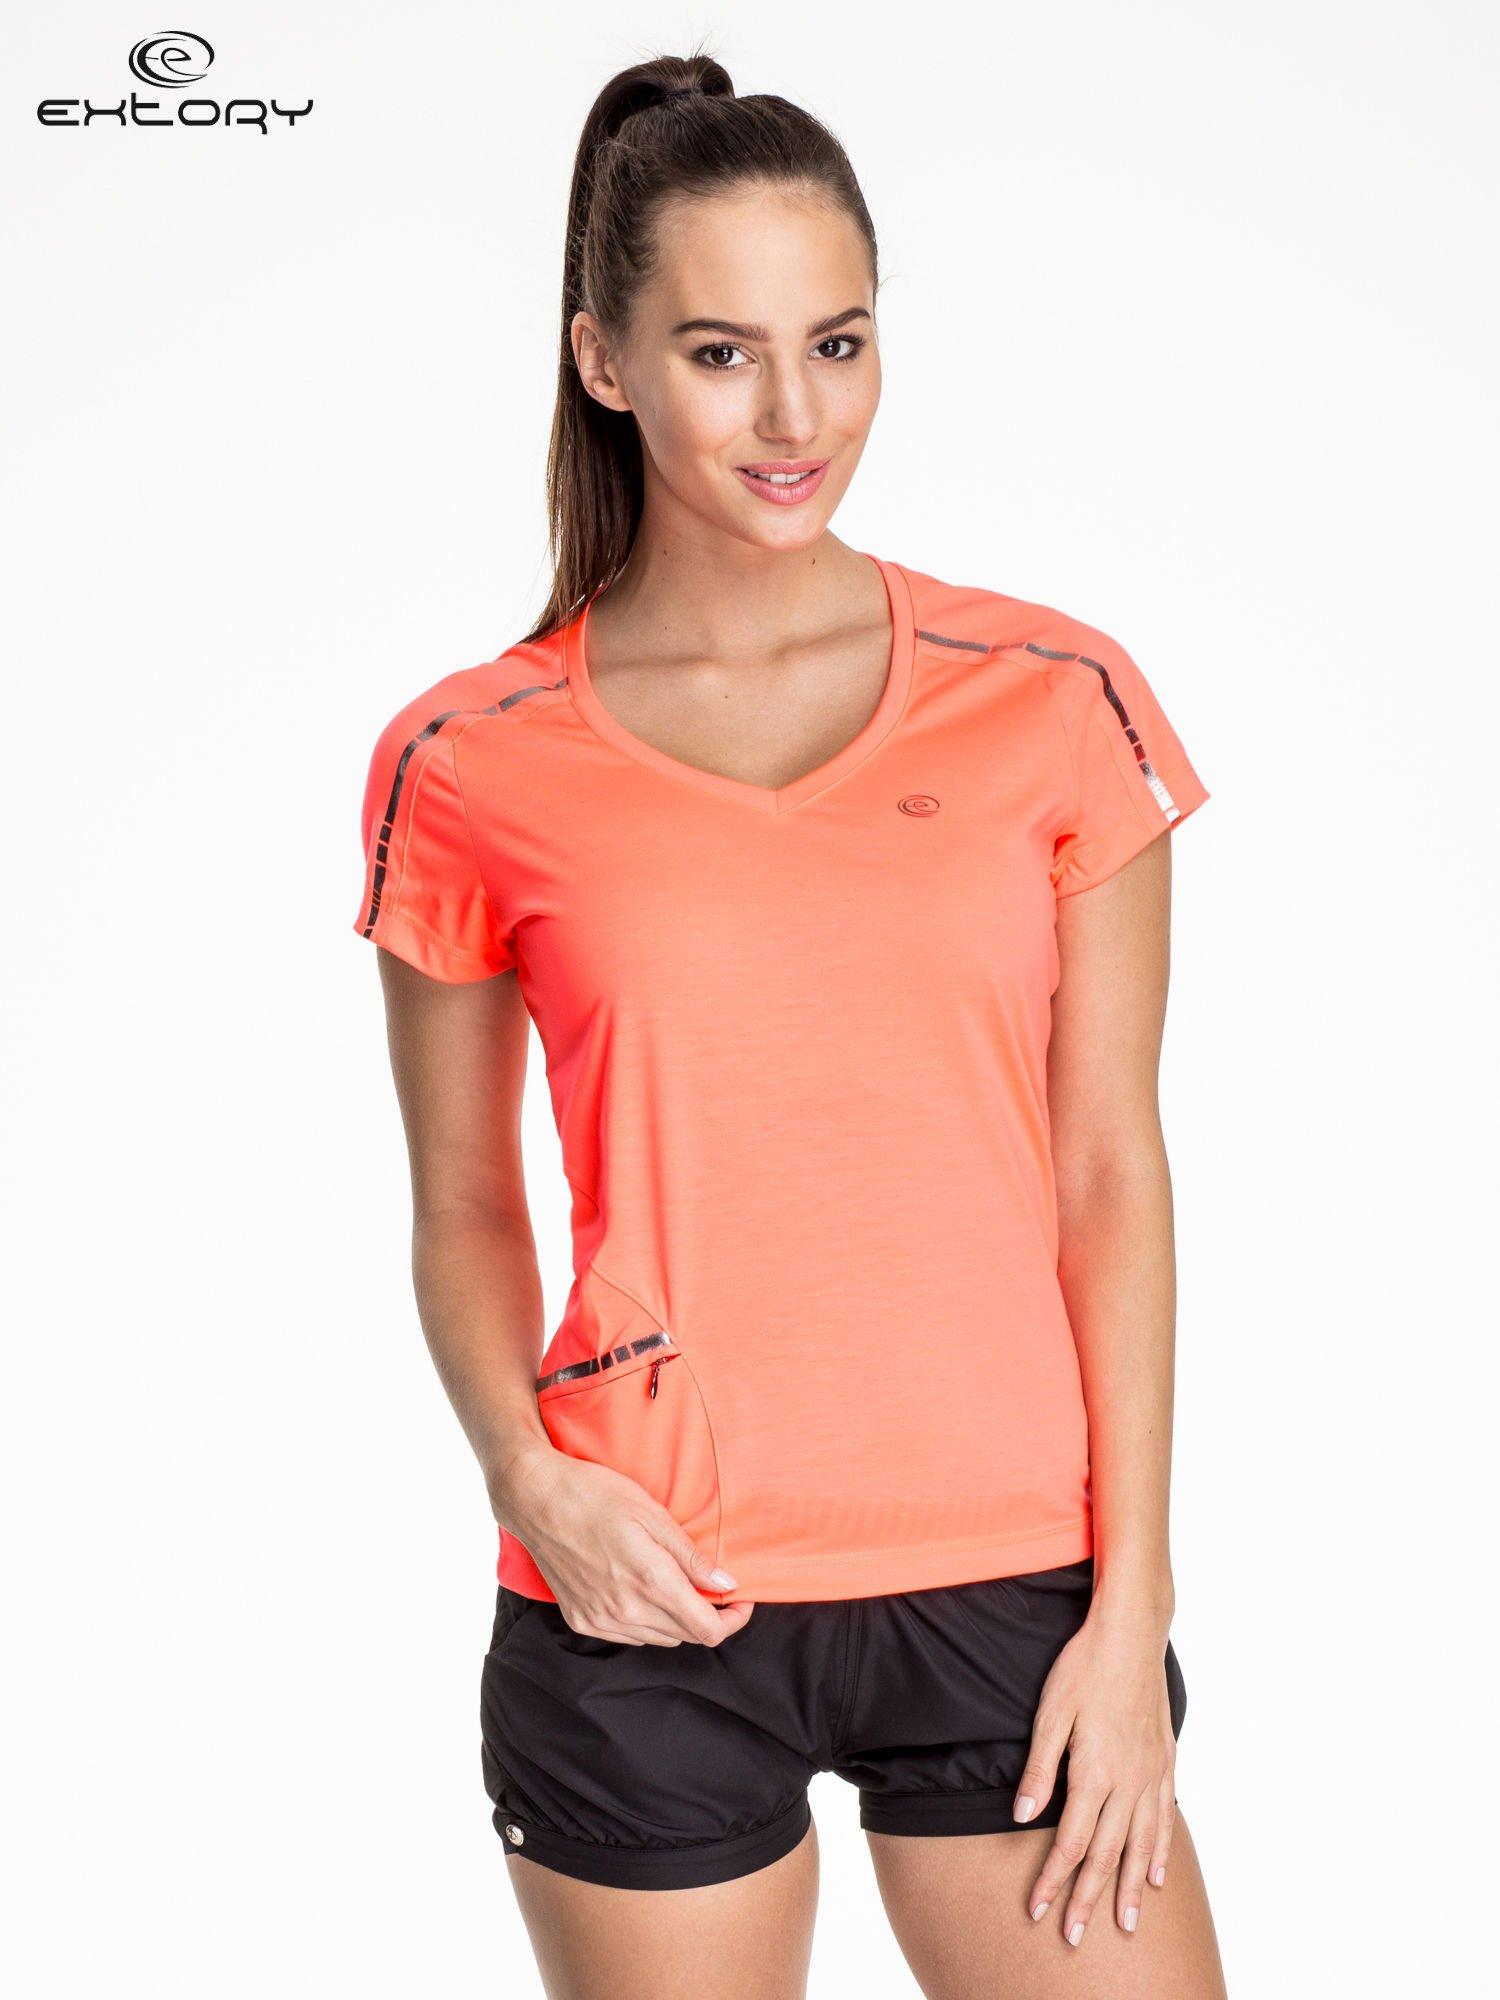 Fluoróżowy t-shirt sportowy z kieszonką i metalicznym nadrukiem                                  zdj.                                  1